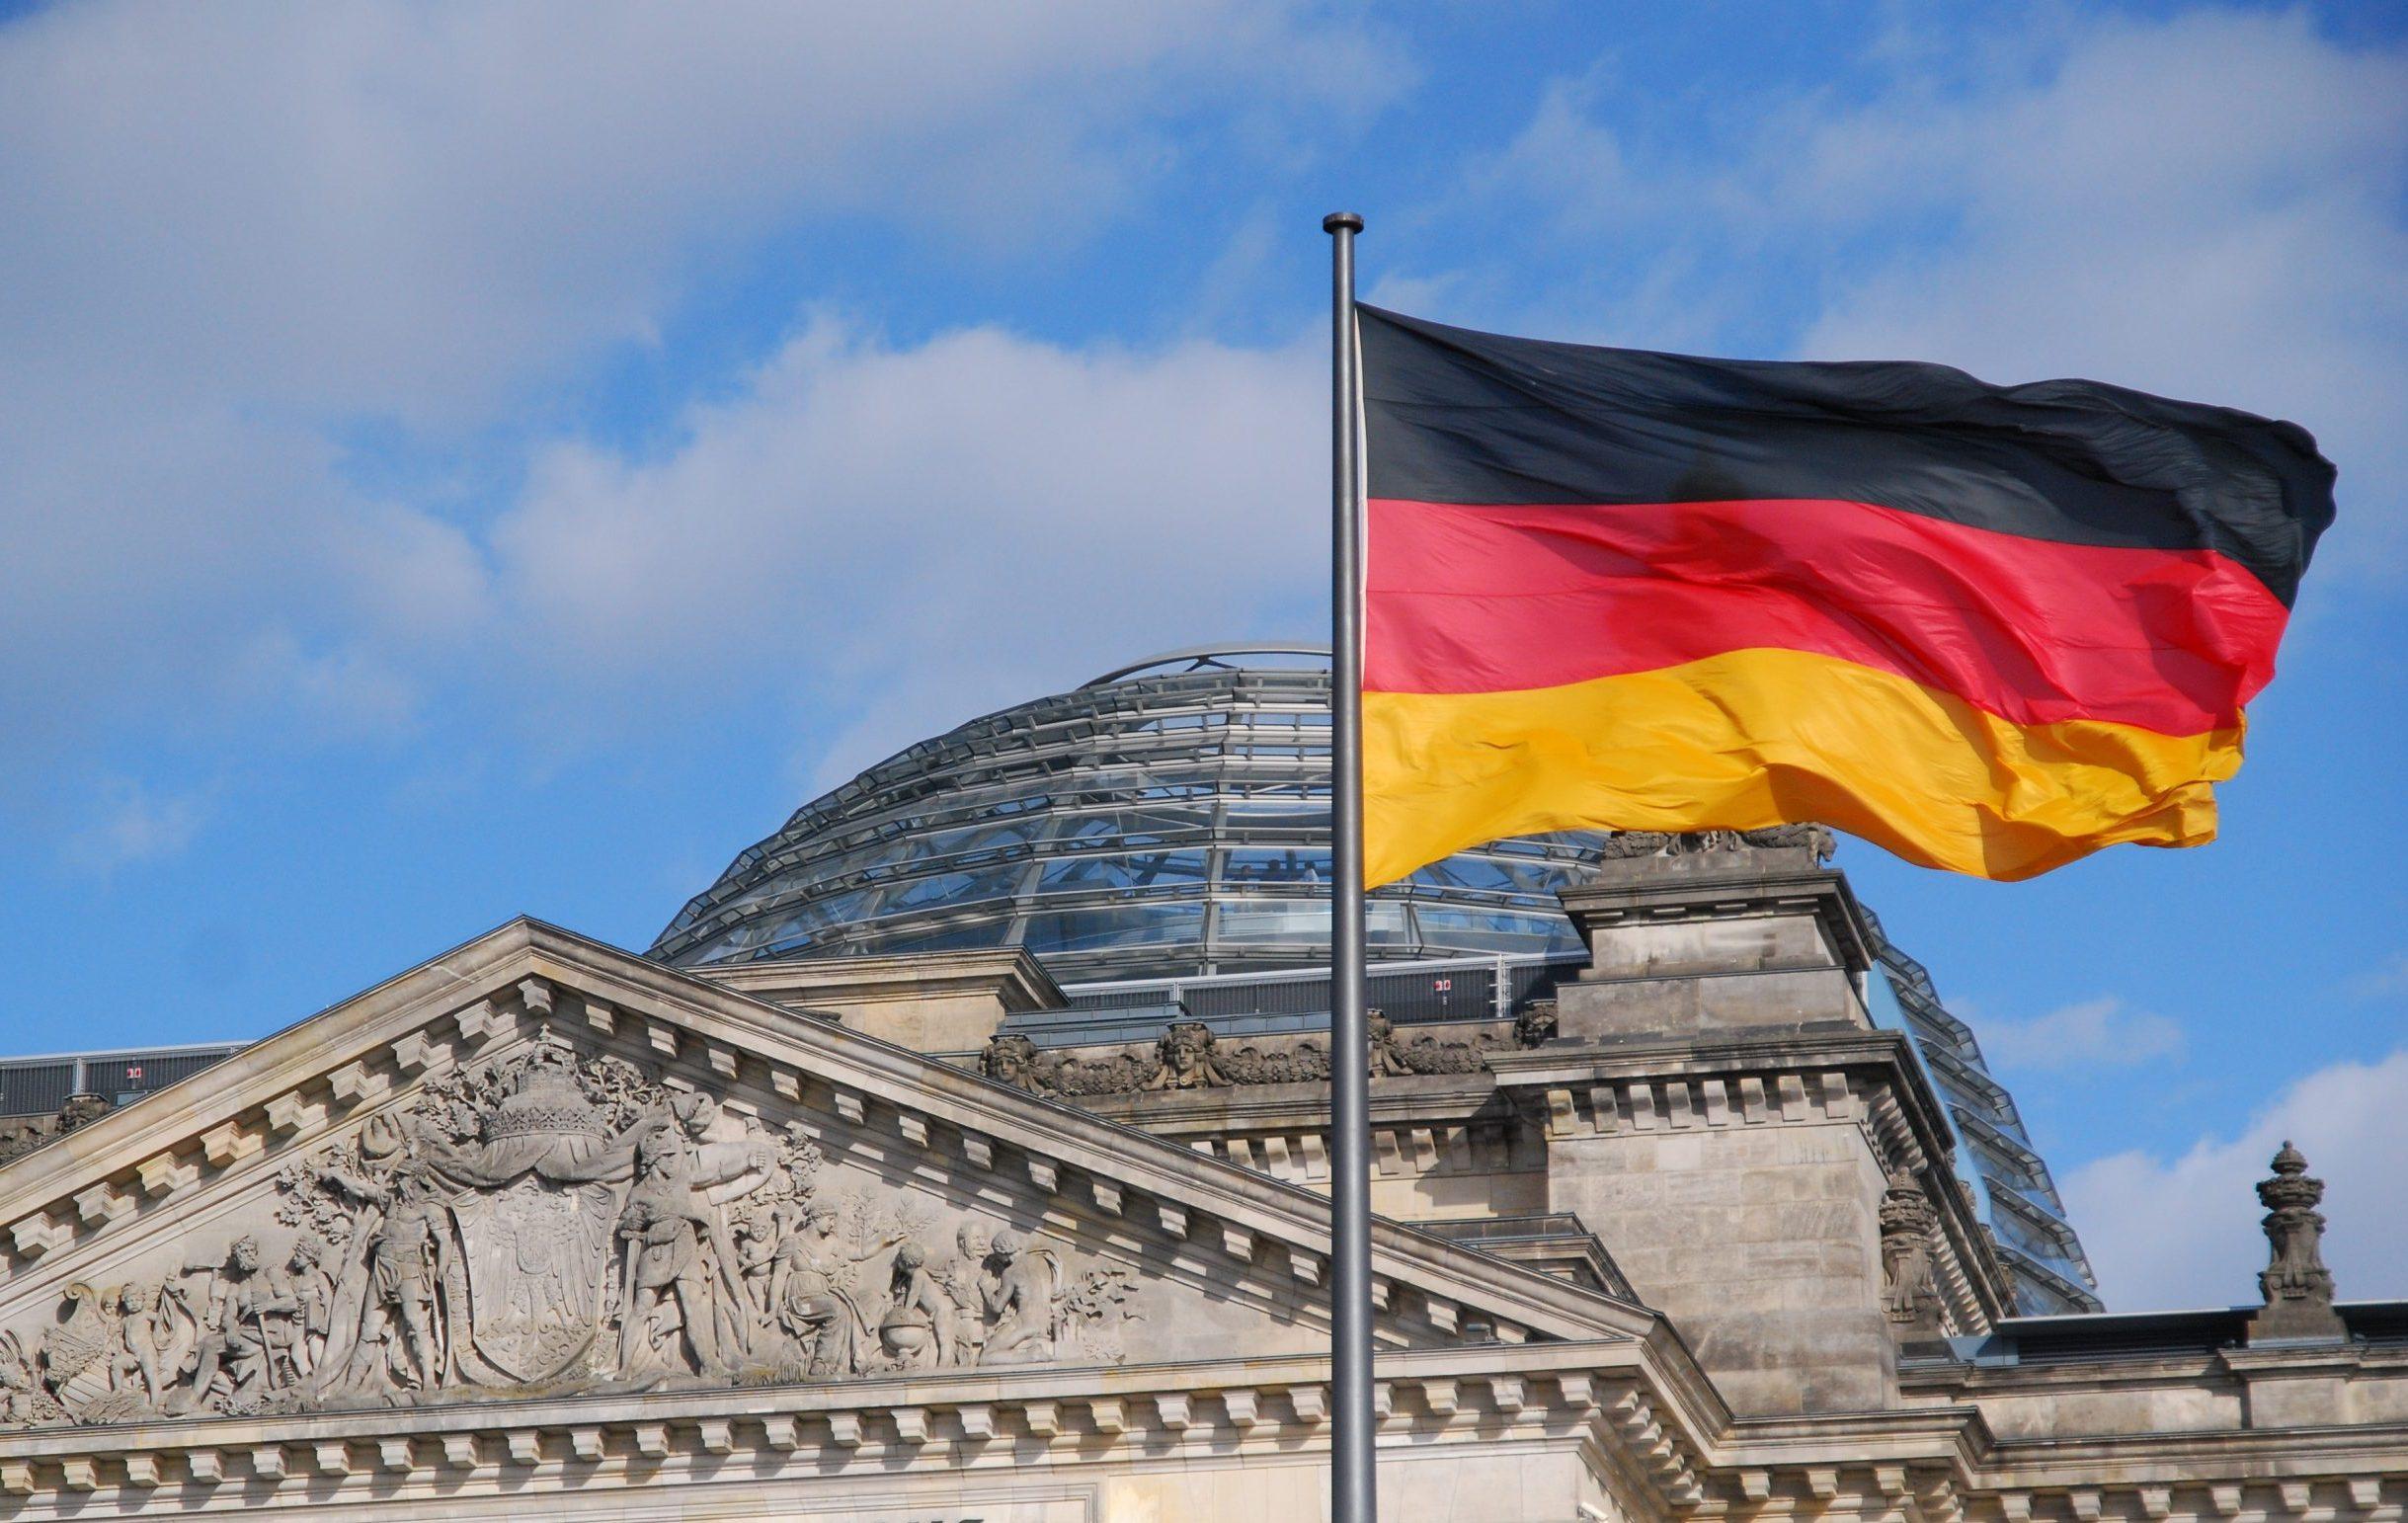 Ministerio de Finanzas de Alemania presenta una propuesta que busca modernizar la ley de valores del país, a través de valores electrónicos registrados con blockchain